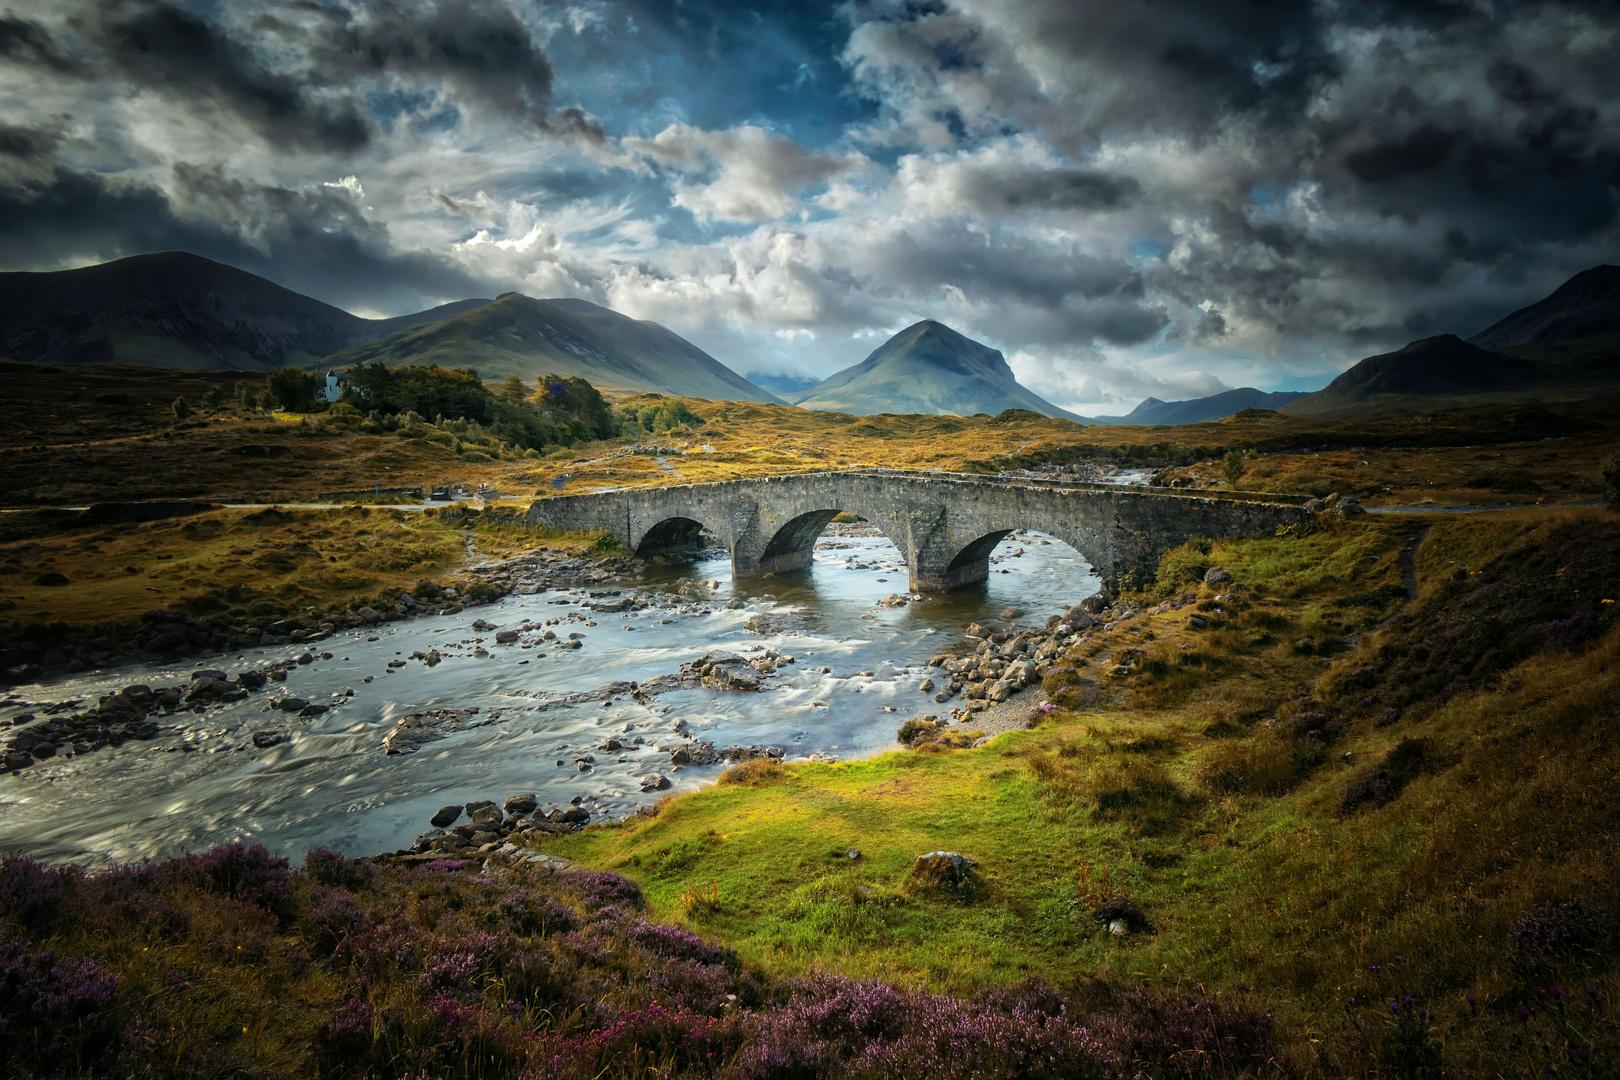 Sligachan Bridge auf der Isle of Skye